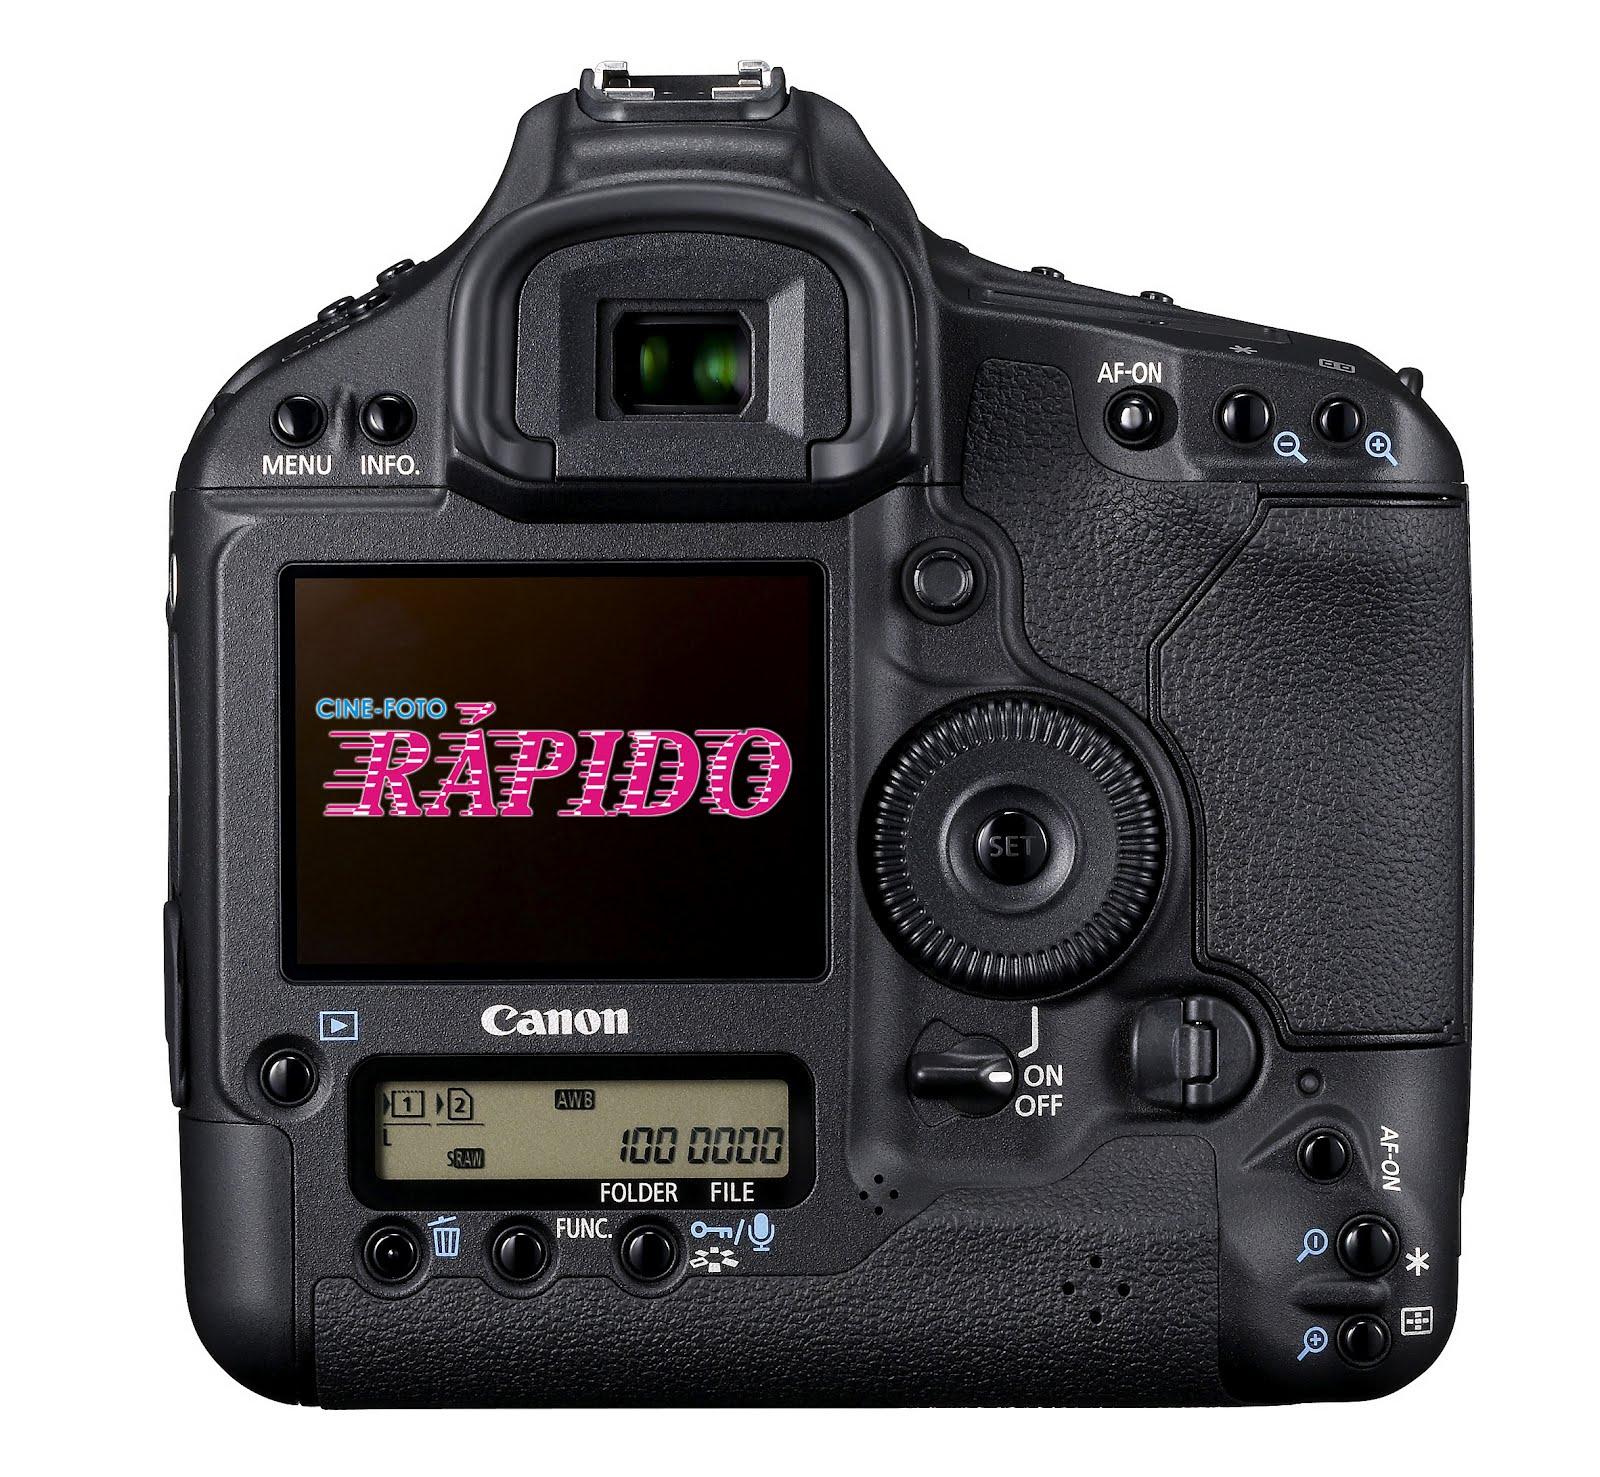 Revela o de fotos digitais cai o pre o cine foto for Revelado de fotos barato